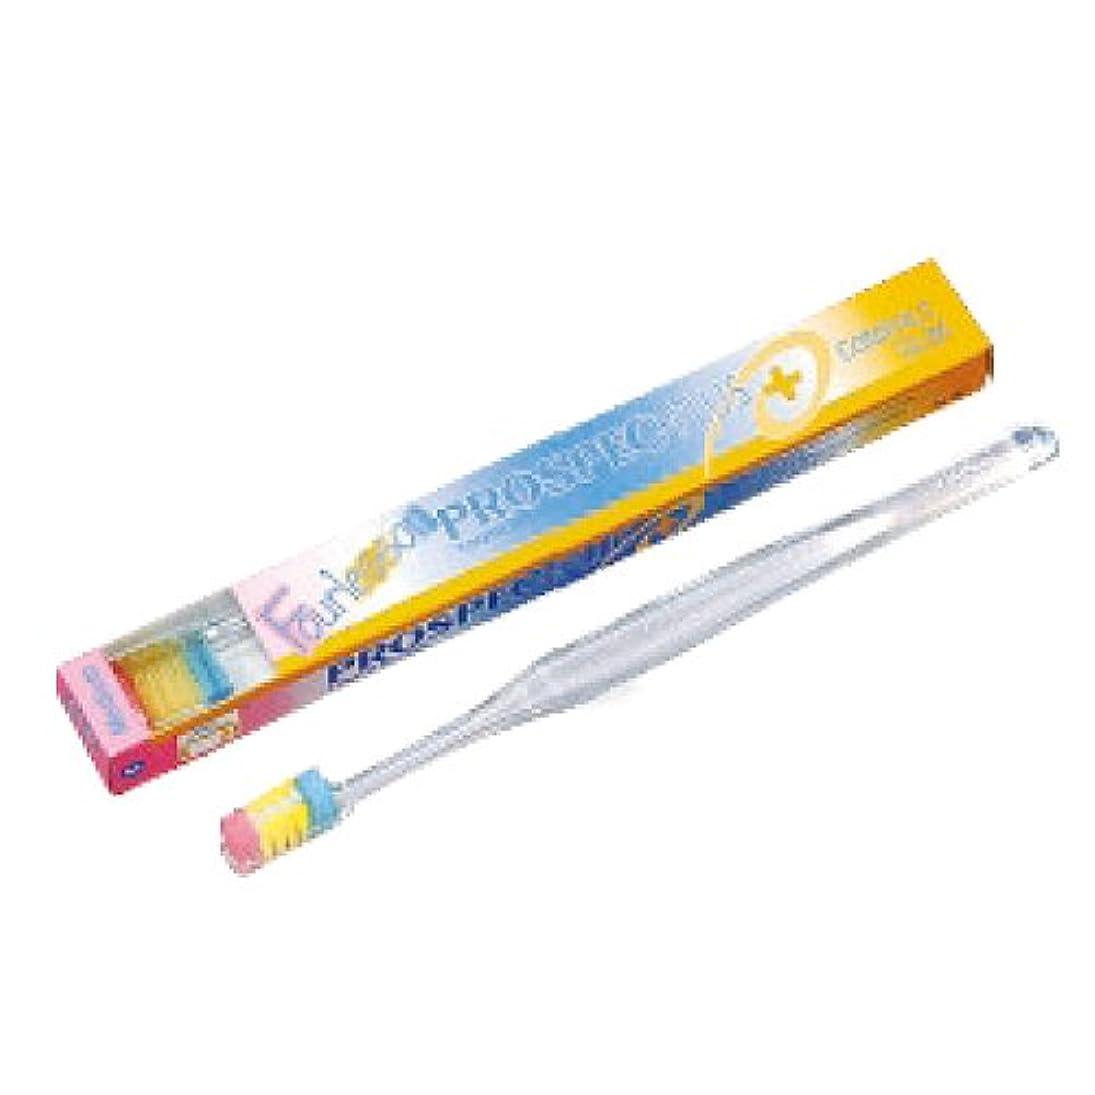 マットレス真向こうプロスペック 歯ブラシ コンパクトスリム 1本 フォーレッスン 毛の硬さ ふつう